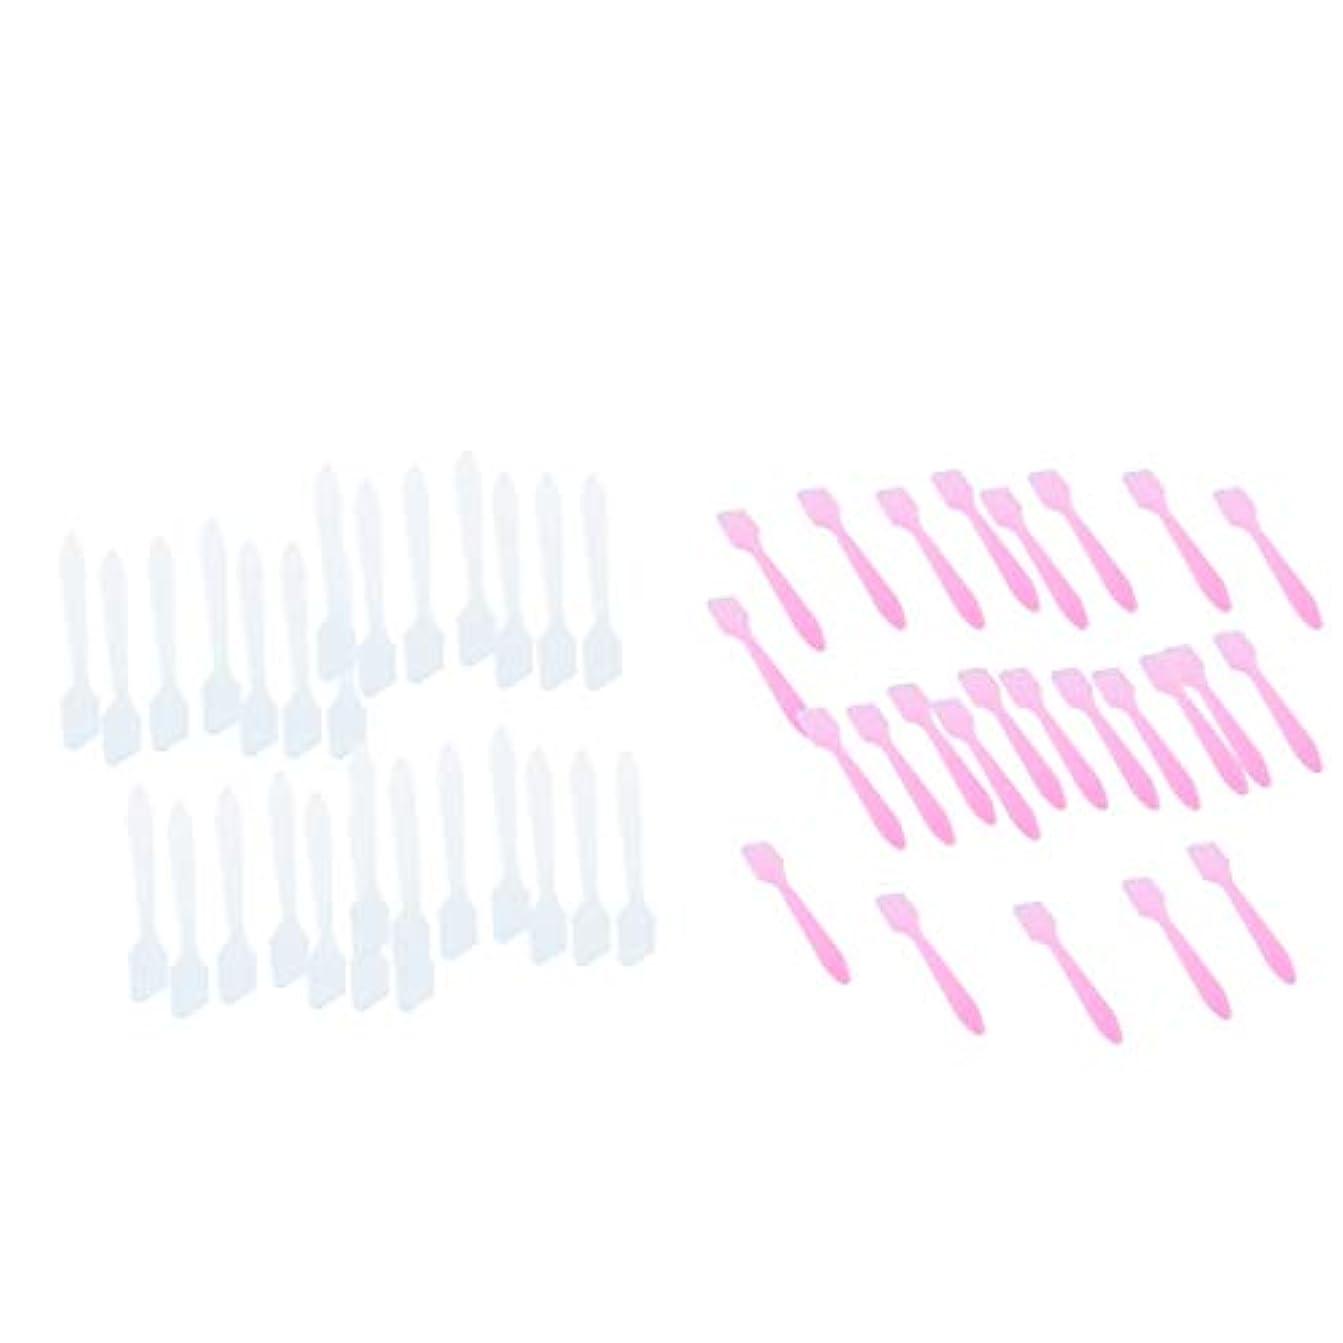 データアンテナ環境保護主義者フェイシャル フェイスマスク混合ツール 化粧品へら 約200個 全2選択 - 白+ピンク